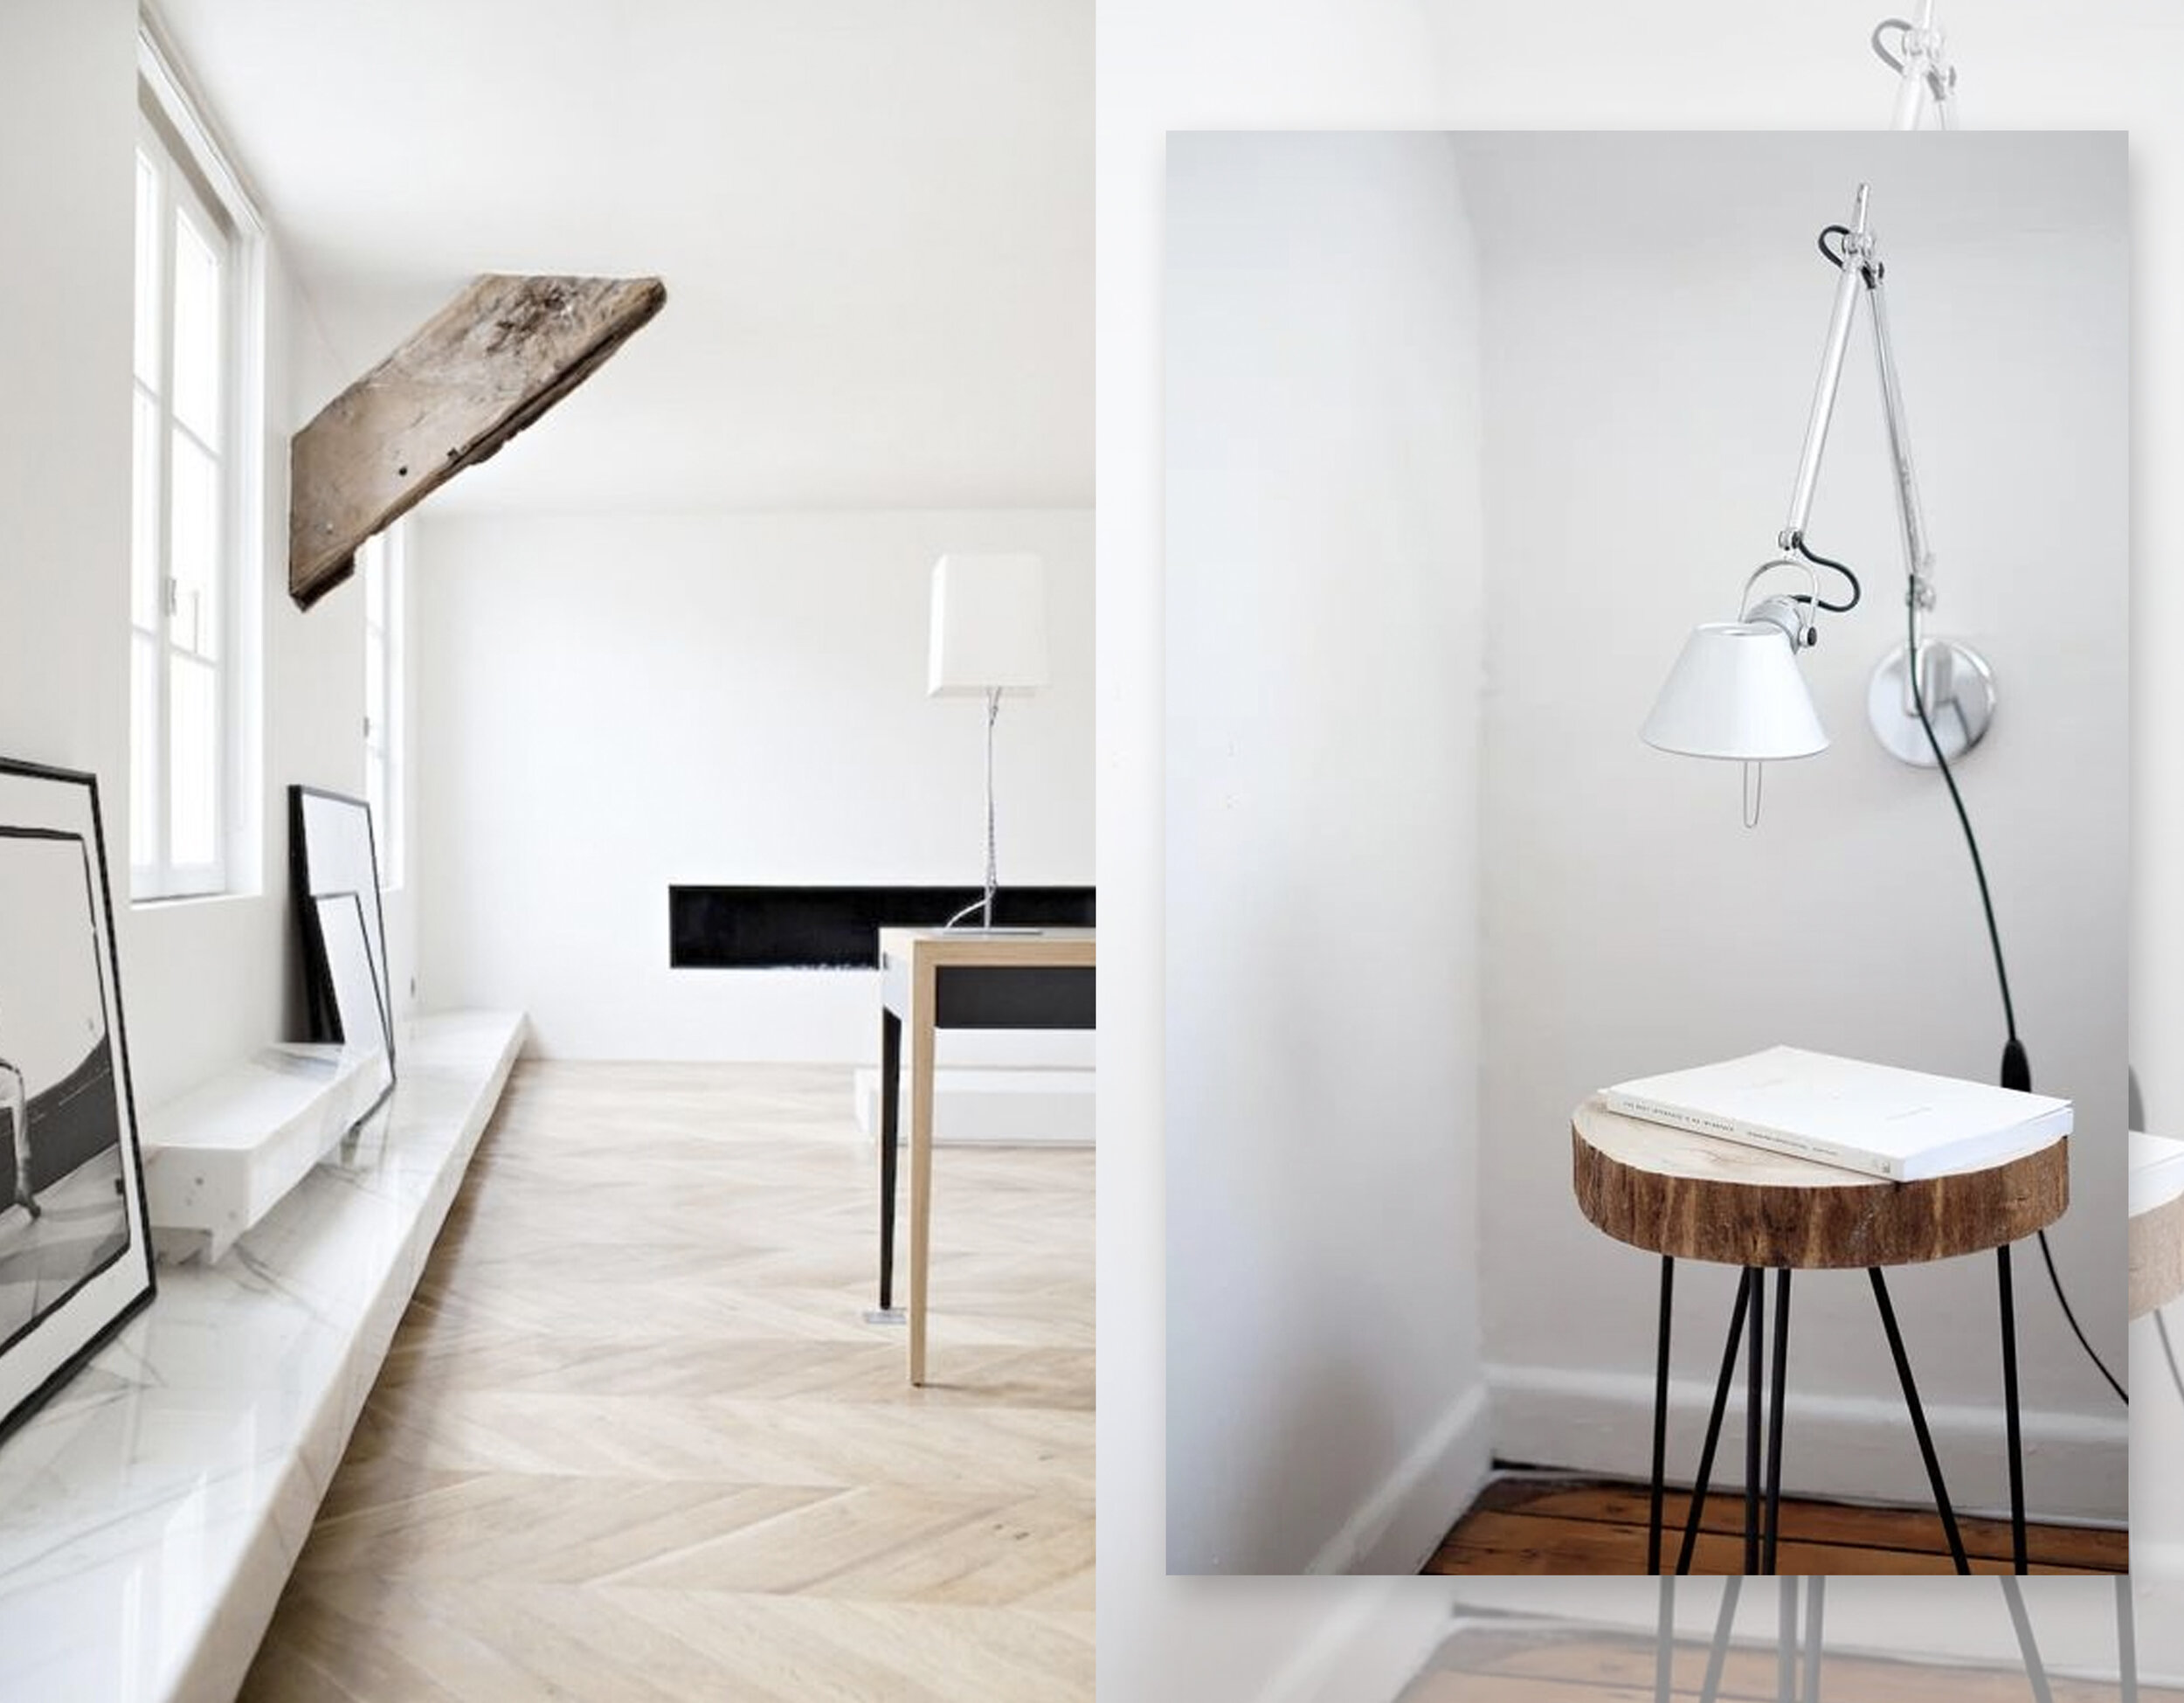 interior via  Looks Like White  - image with small table Atilla Taskiran via  Unsplash